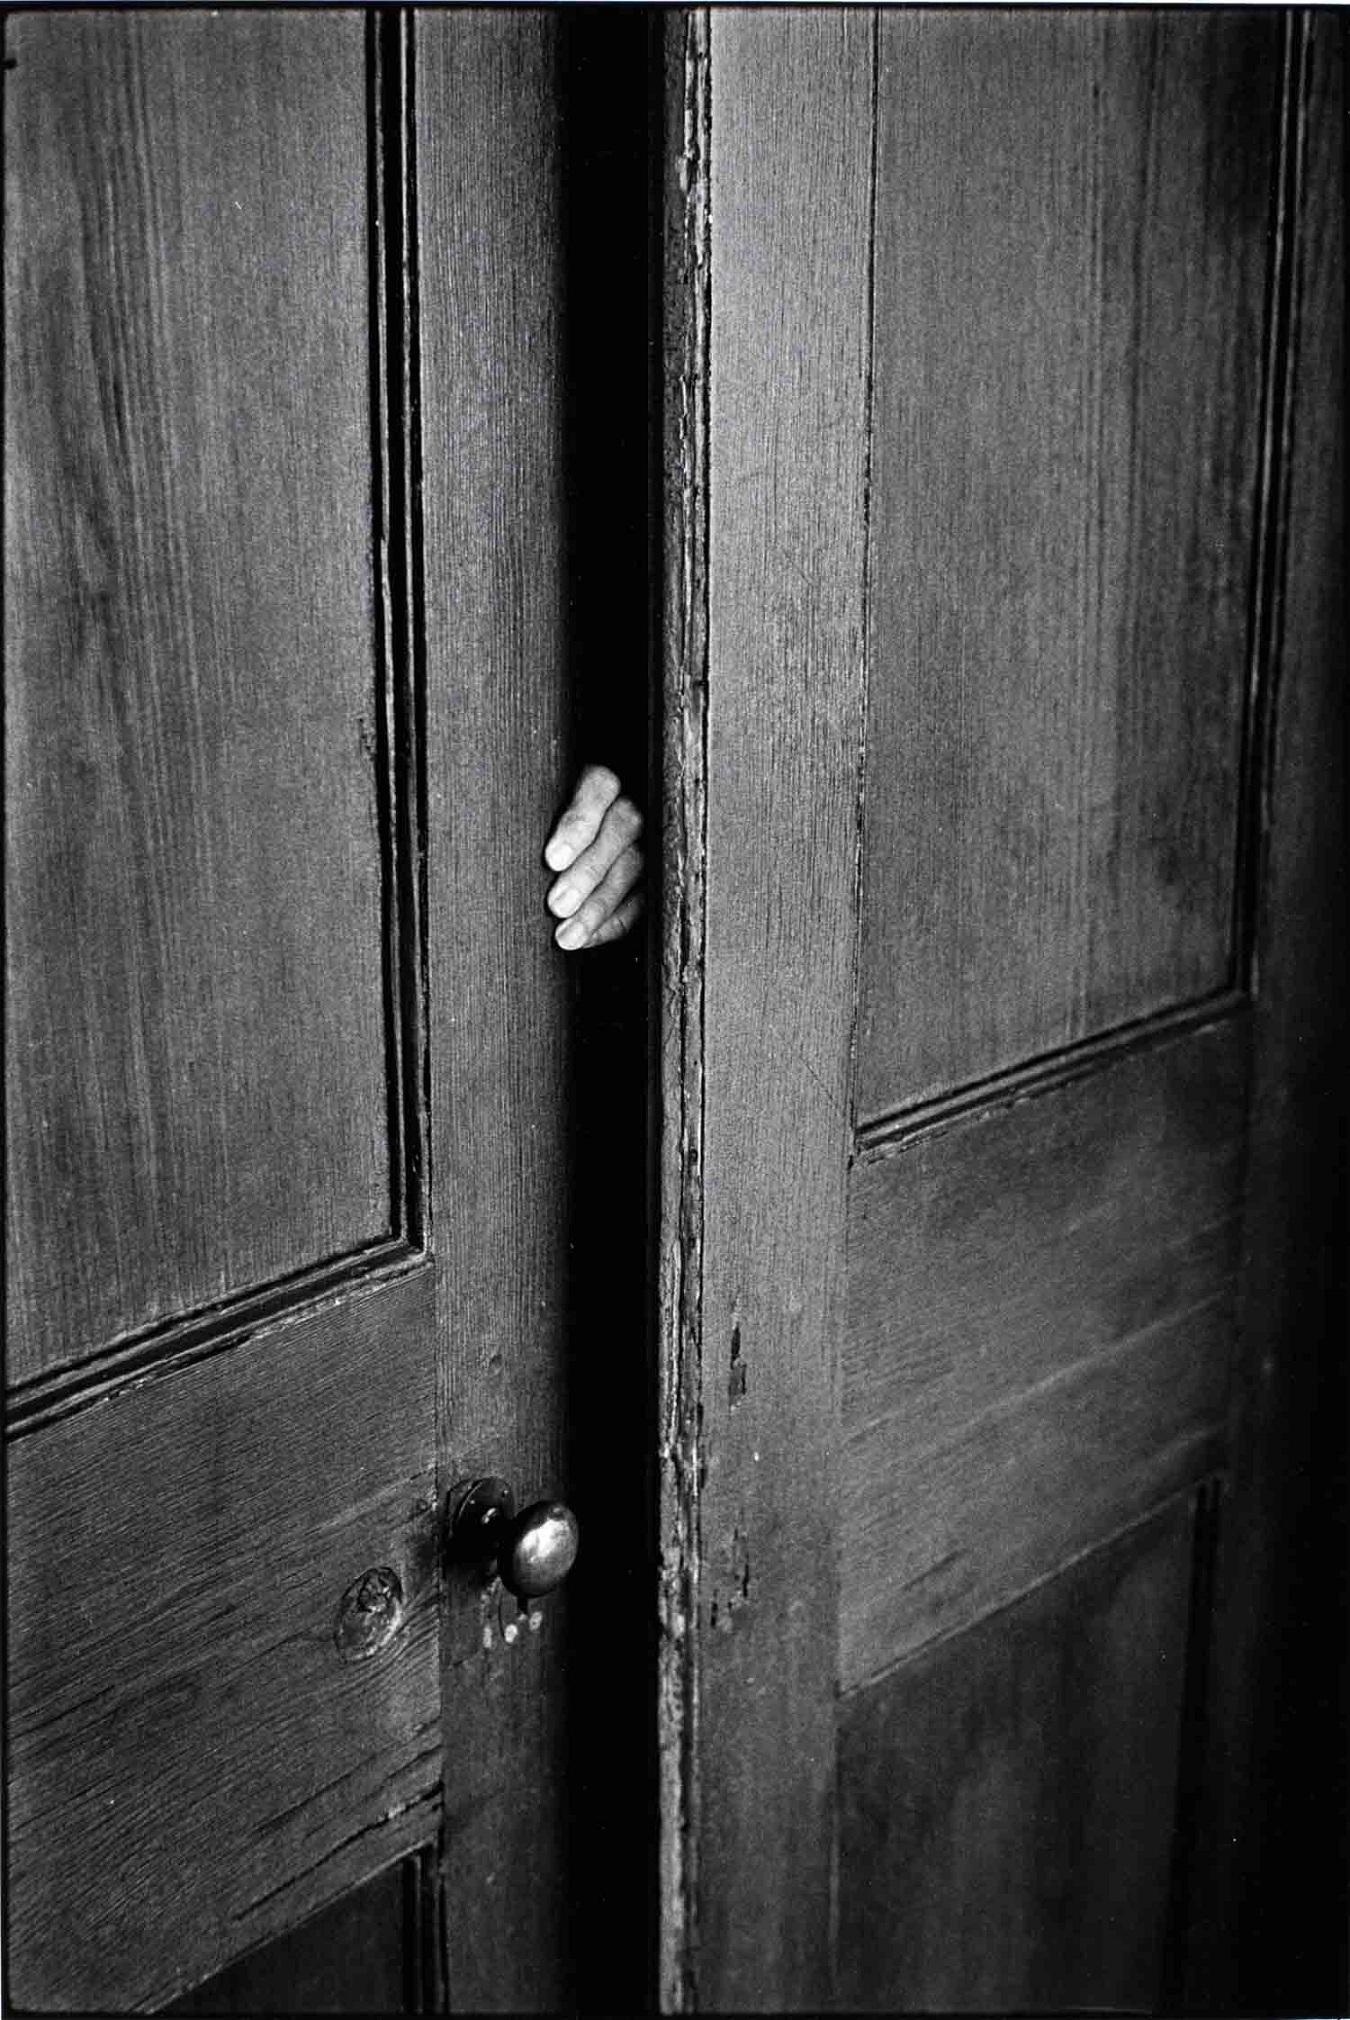 Закрывающаяся дверь картинки